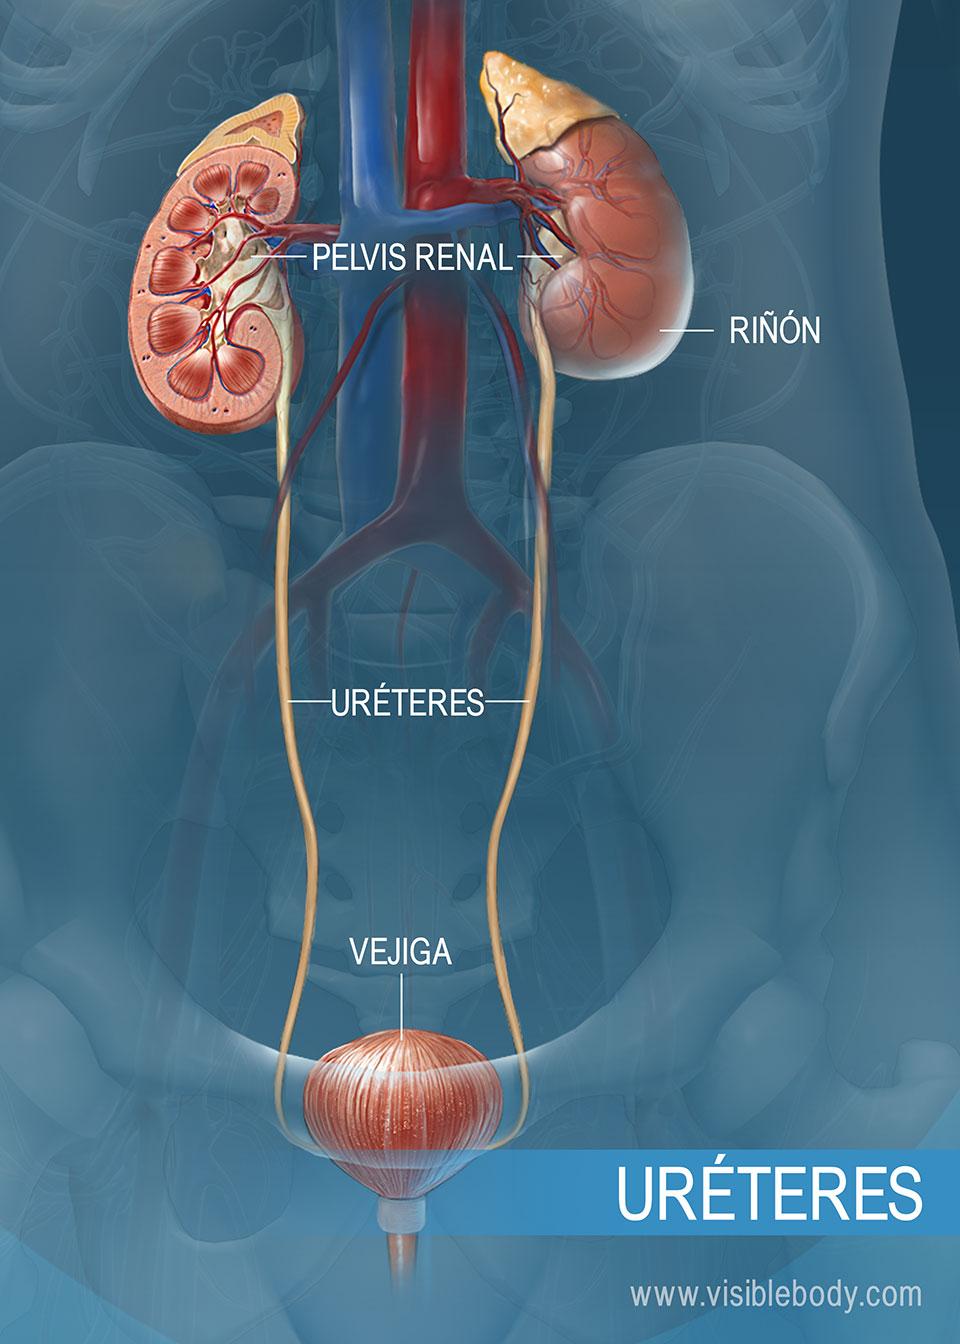 Uréter que va de los riñones a la vejiga urinaria